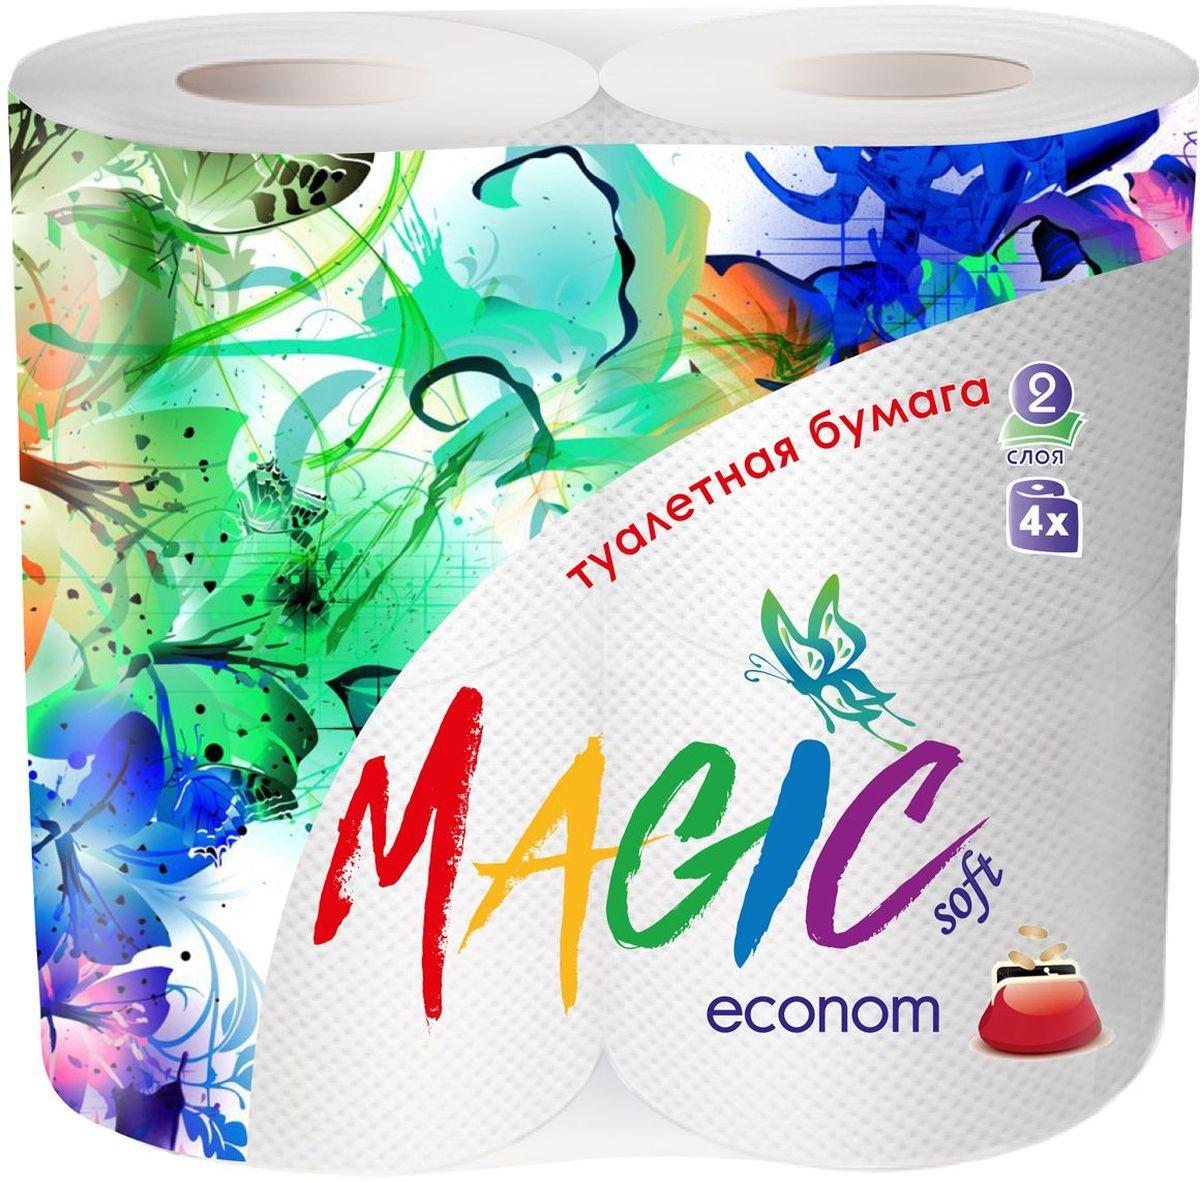 Туалетная бумага Magic Soft Econom, цвет: белый, 4 рулона6787Для бытового и санитарно-гигиенического назначения. Одноразового использования.